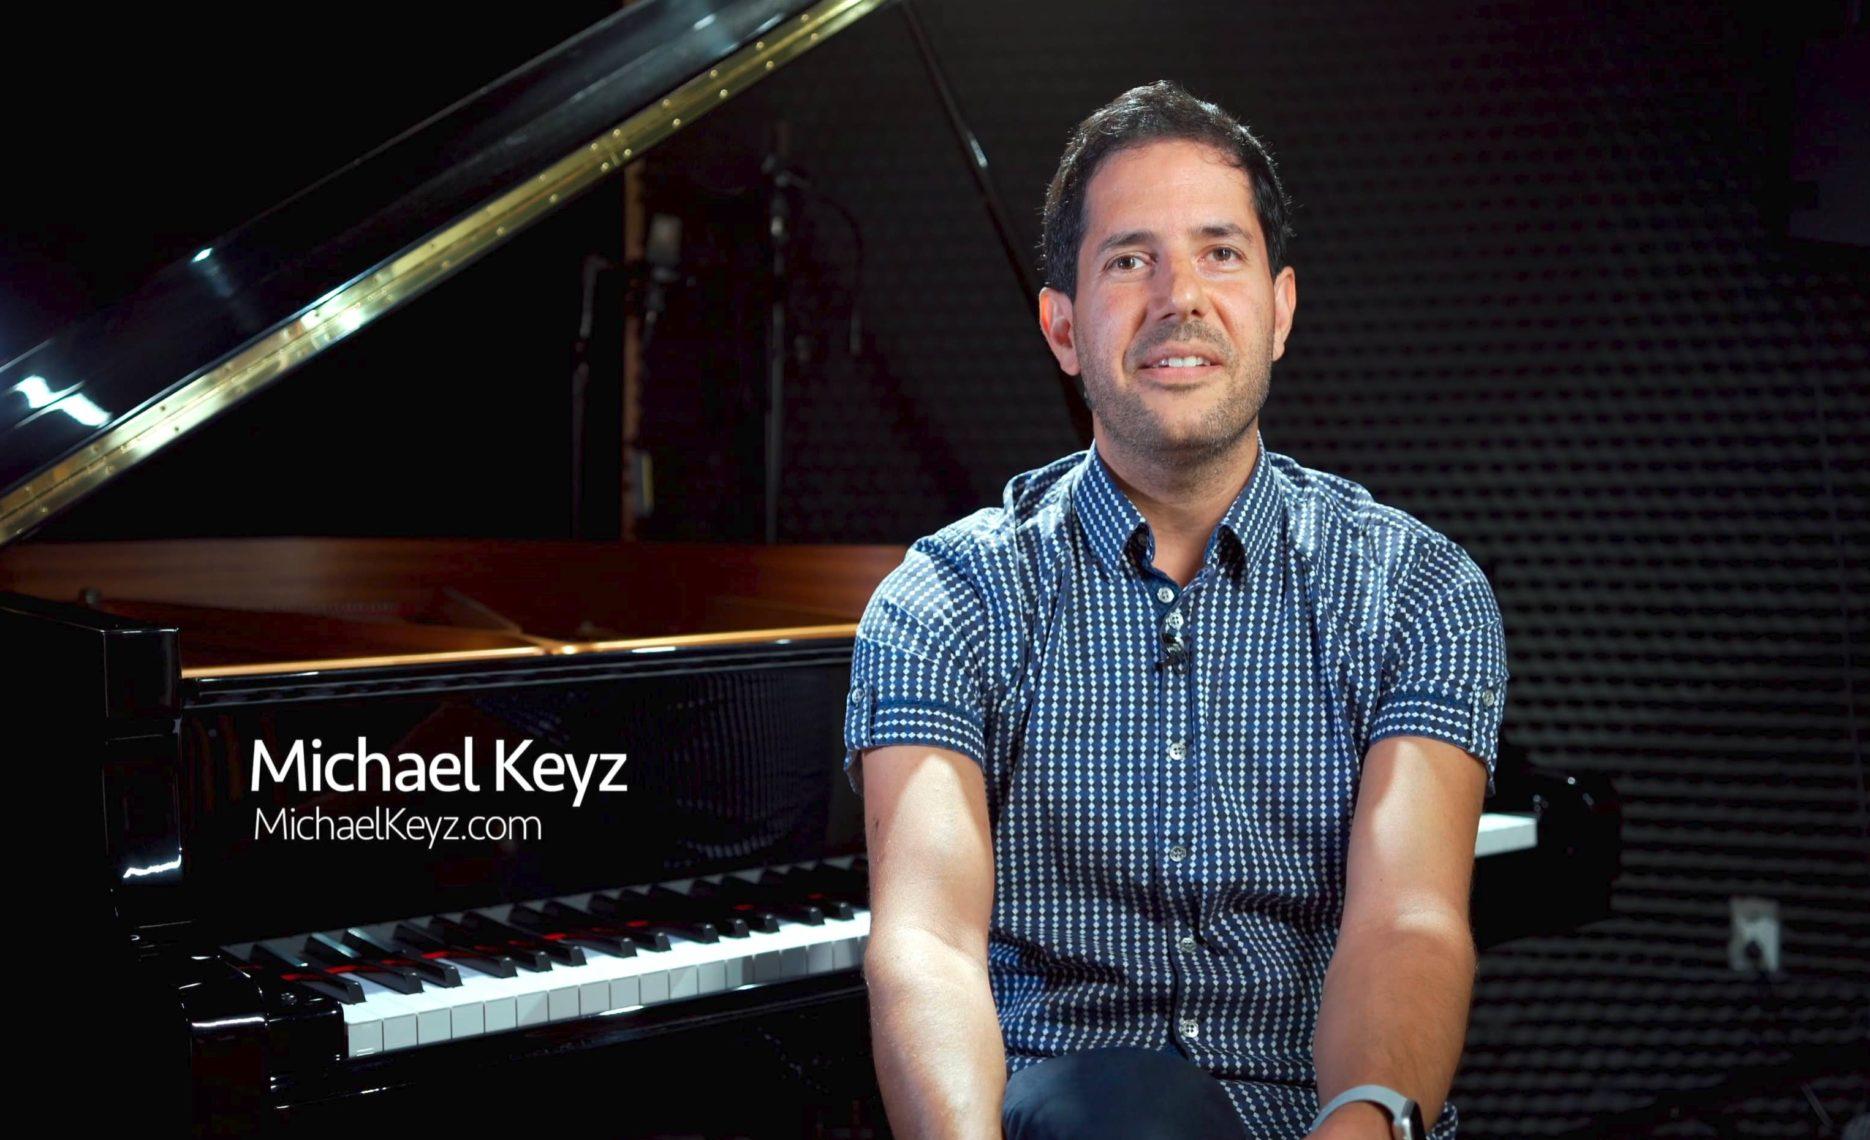 Photo of Michael Keyz at the piano